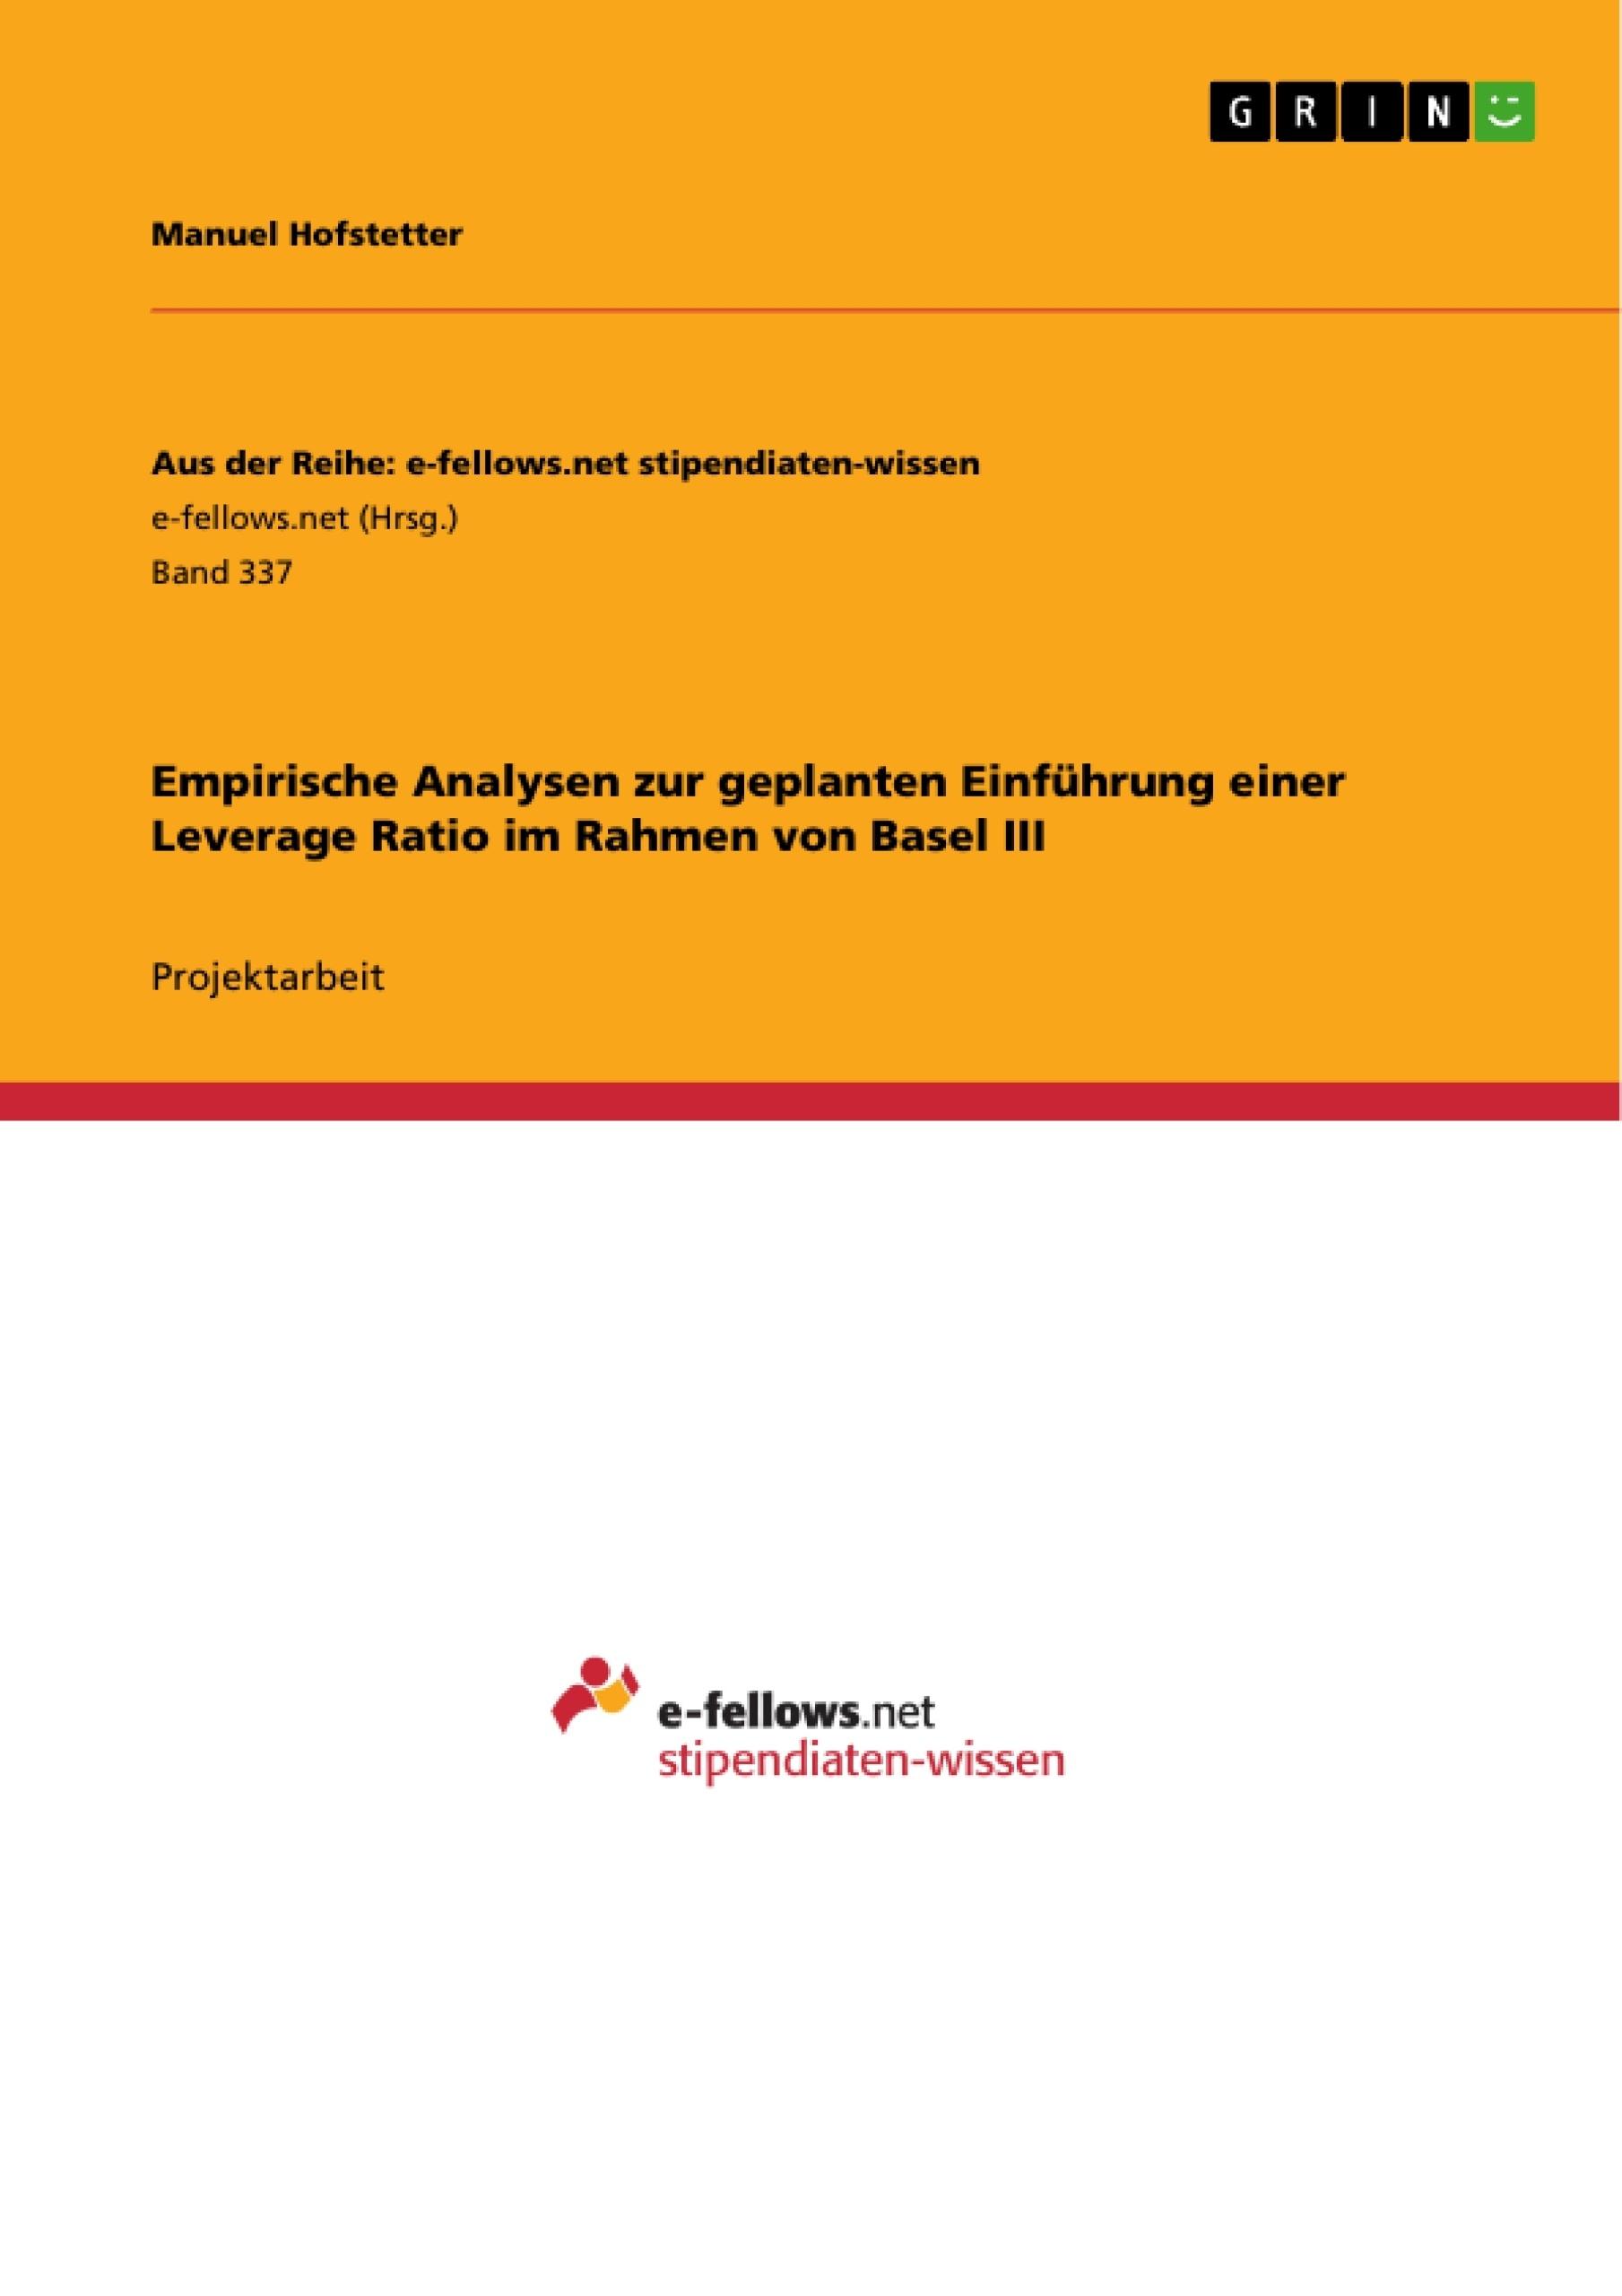 Titel: Empirische Analysen zur geplanten Einführung einer Leverage Ratio im Rahmen von Basel III